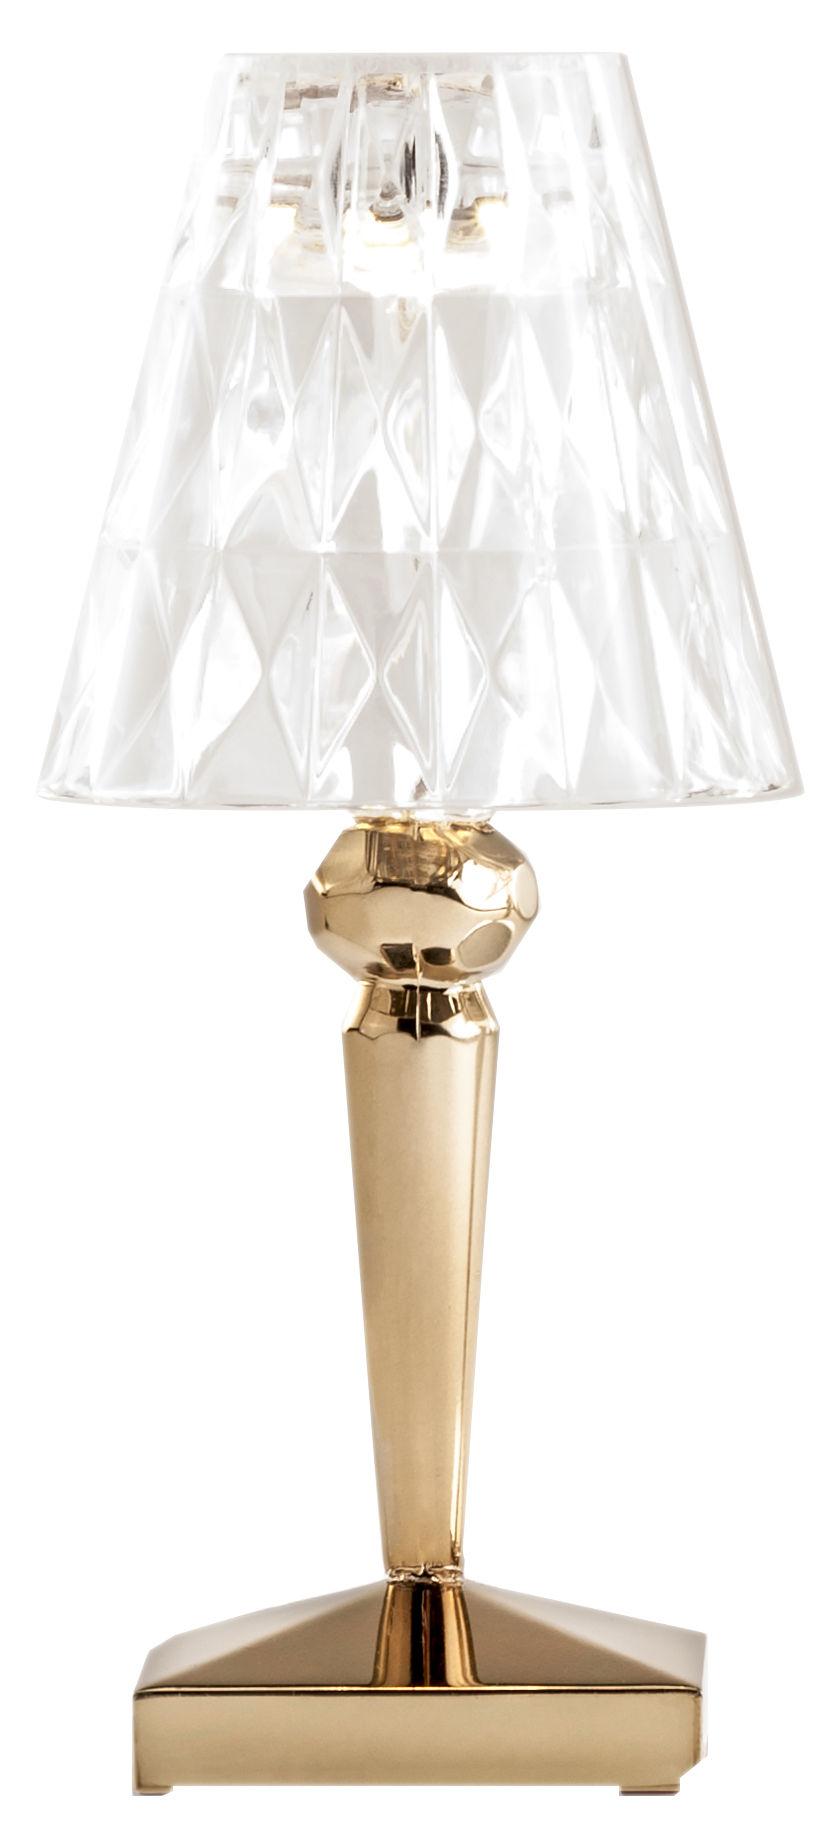 Leuchten - Tischleuchten - Battery LED Lampe ohne Kabel / mit USB-Ladeport - Kartell - Goldfarben - PMMA